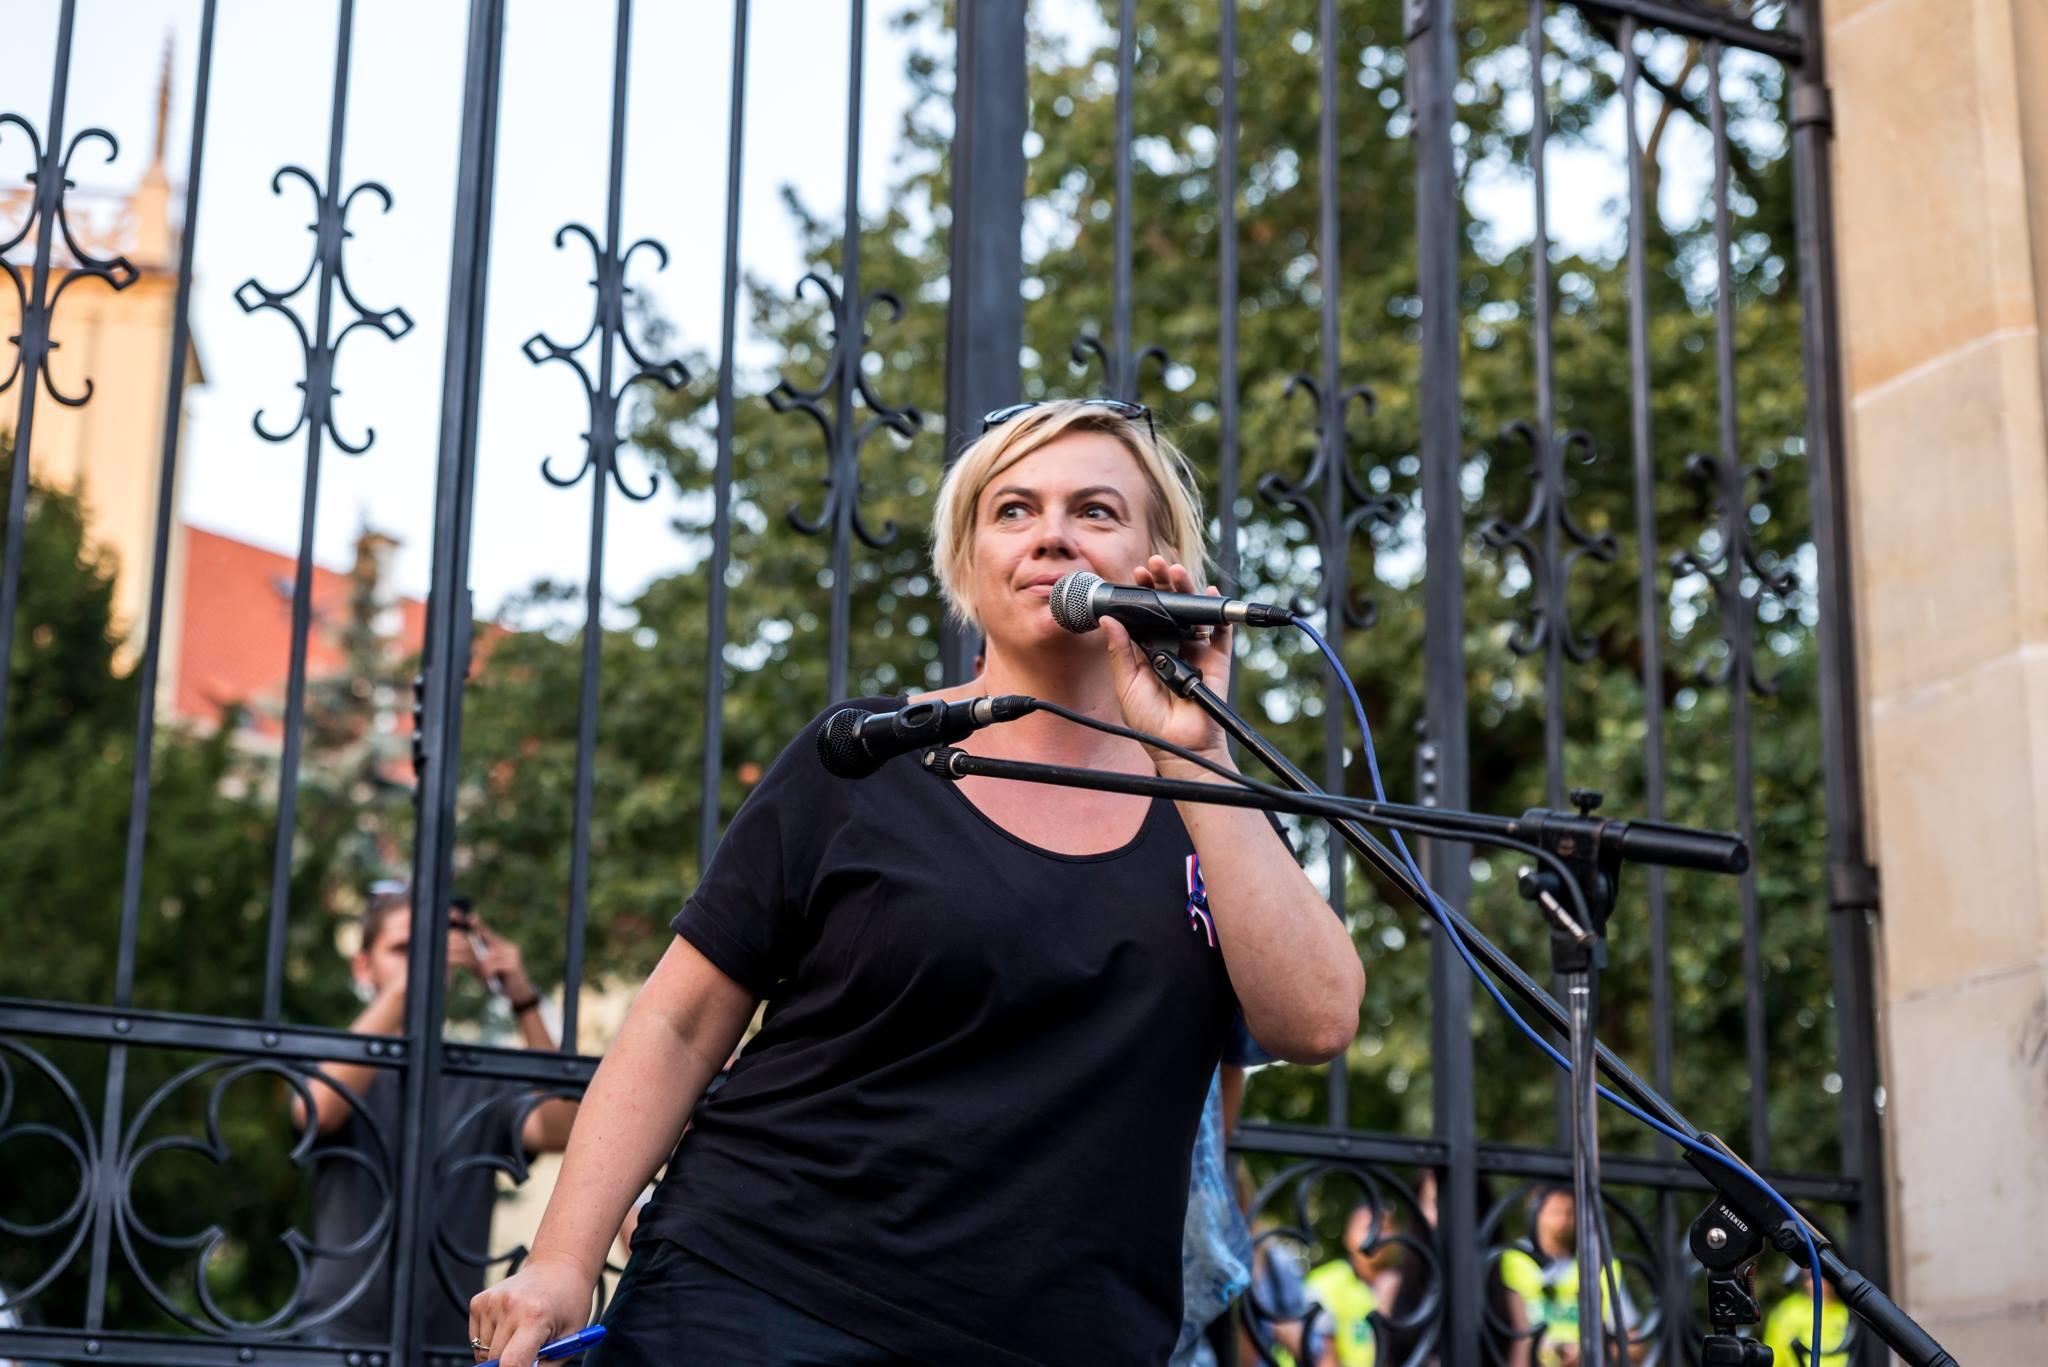 Alena Švejnohová, spoluzakladatelka FB skupiny Společně to dáme, foto Jana Plavec